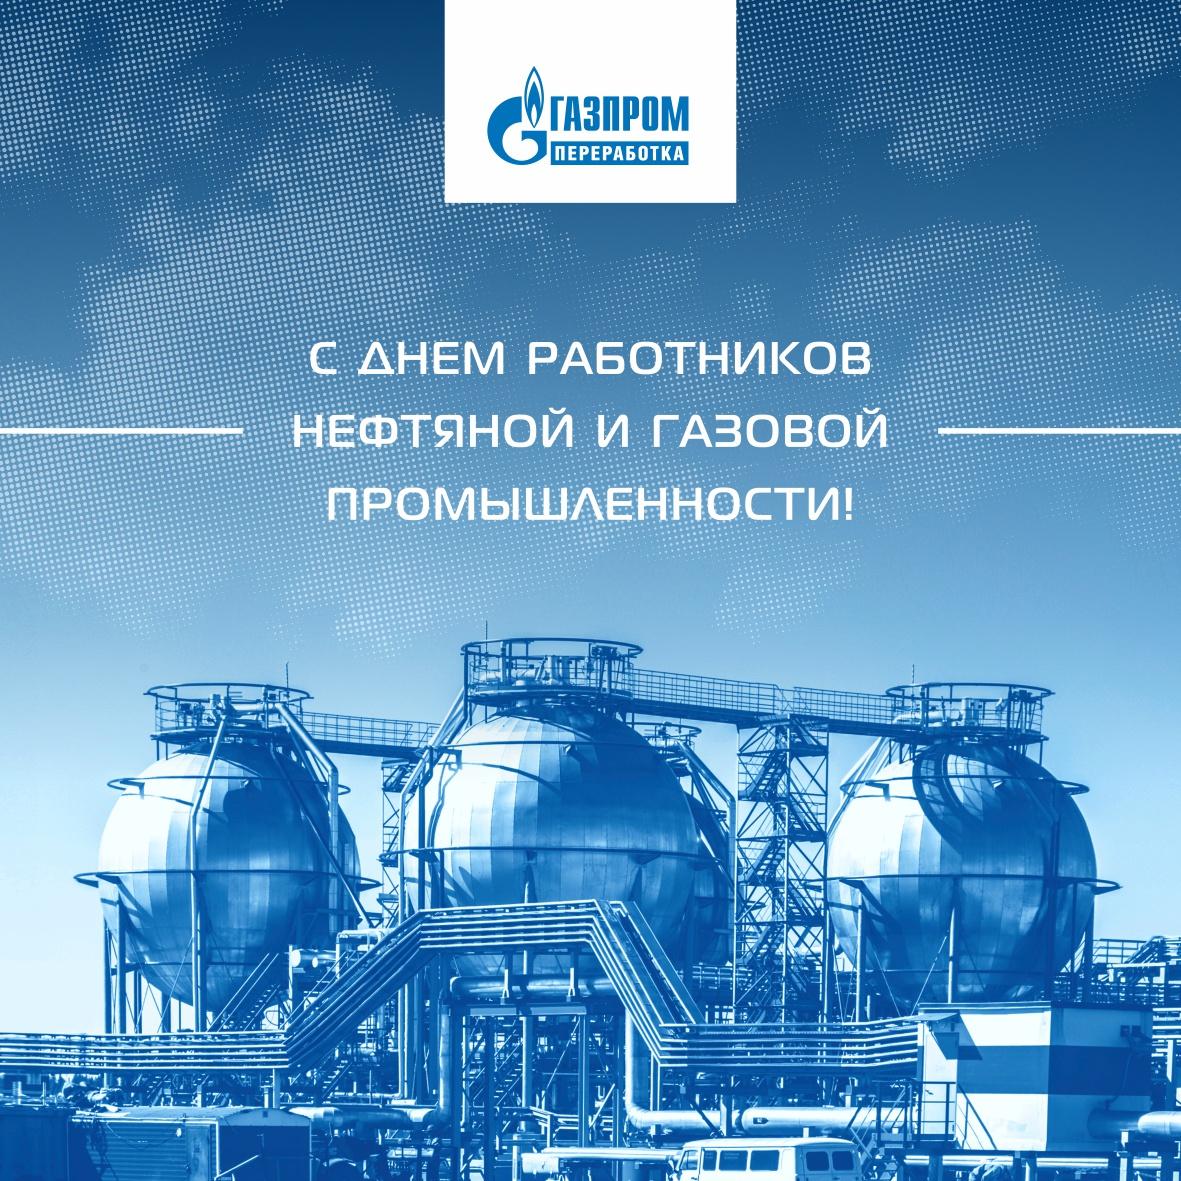 Поздравления с днем нефтяной и газовой промышленности для работников фото 49